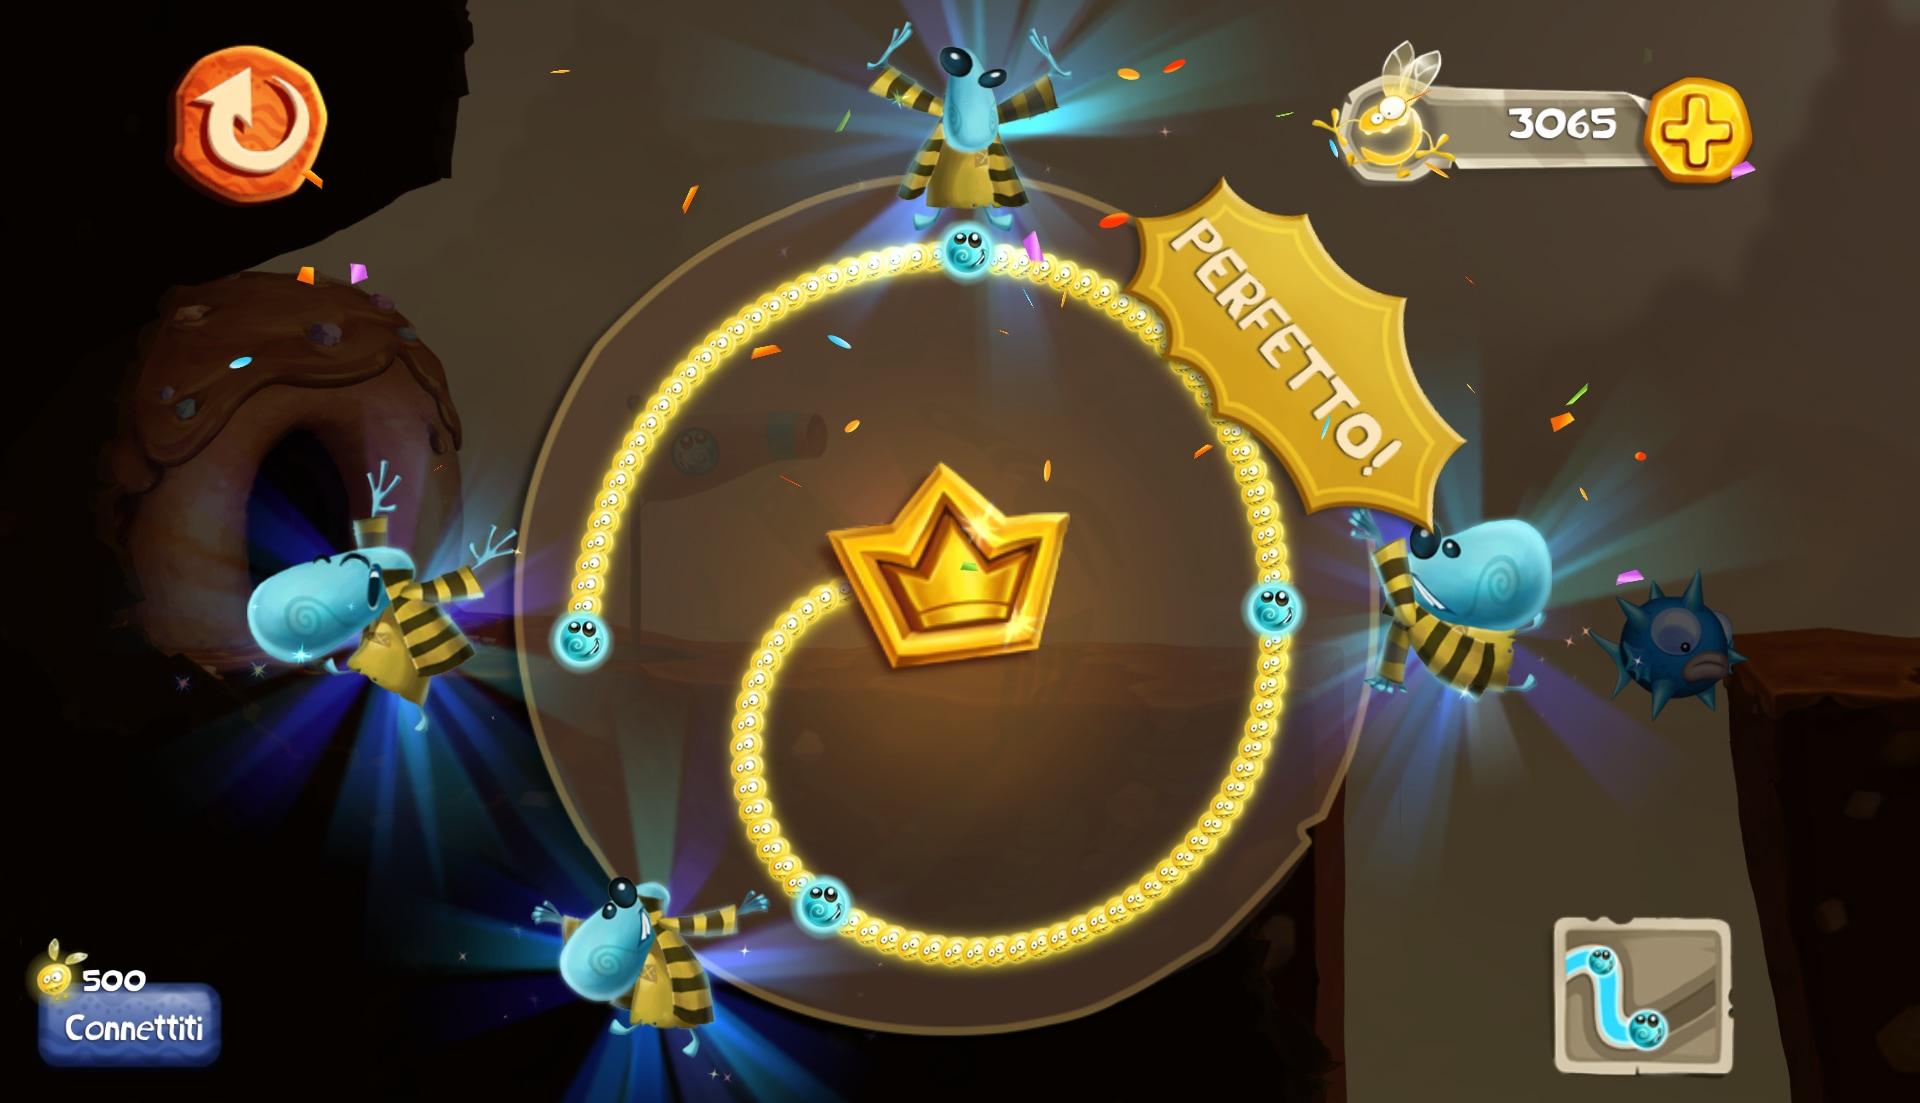 Il competamento al 100% di un livello vi donerà una corona e un livello extra supportato da un livello di sfida degno di tale nome.